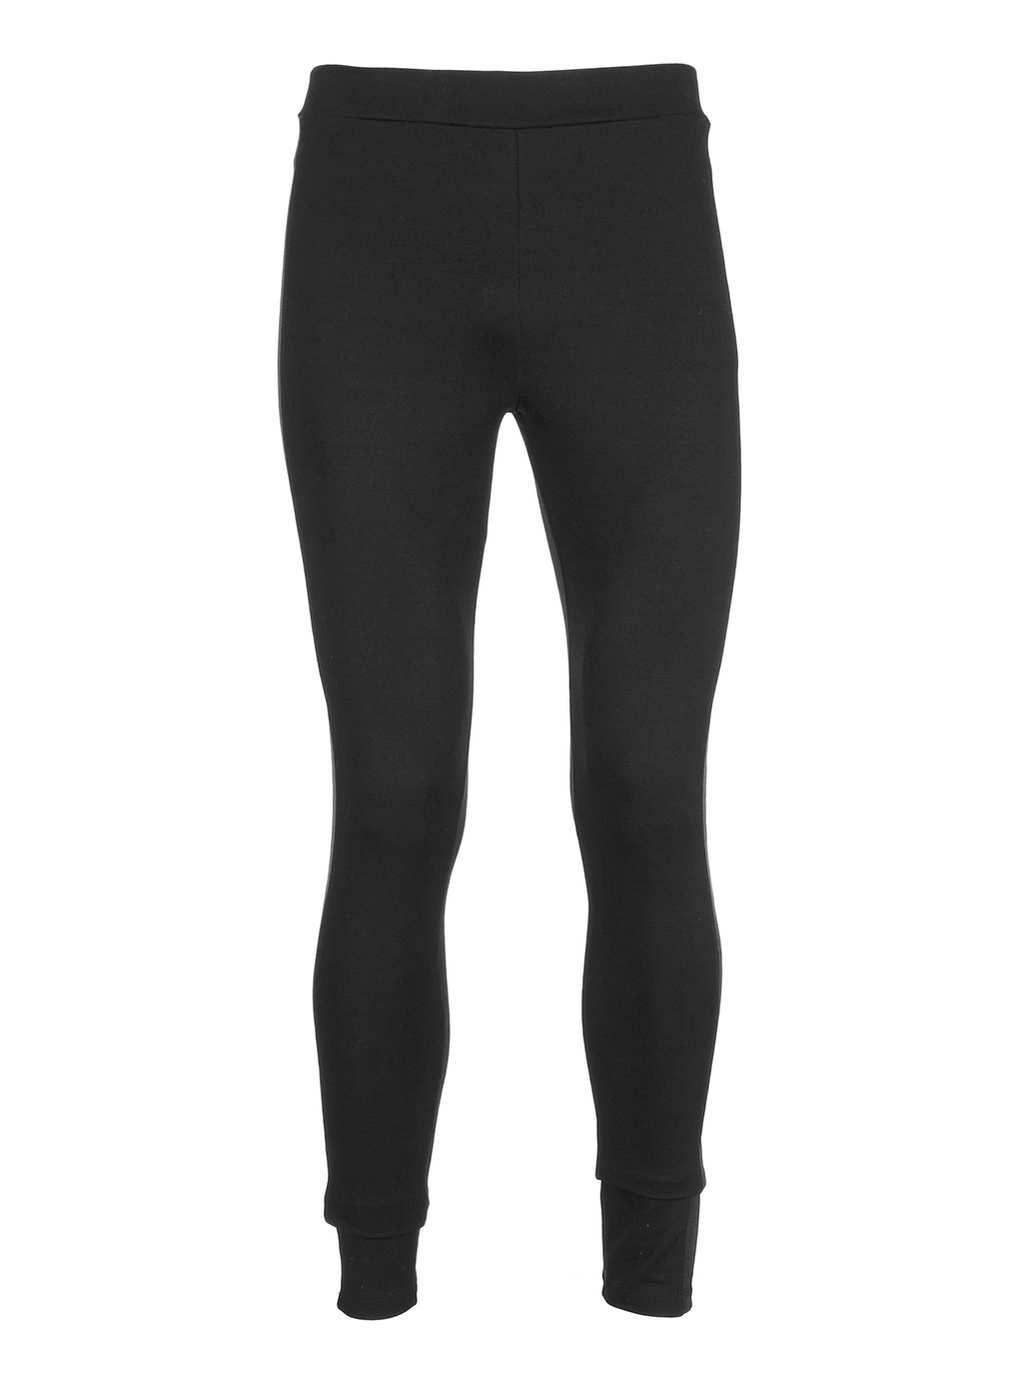 Topman Black Tux Stripe Meggings In Black For Men Lyst